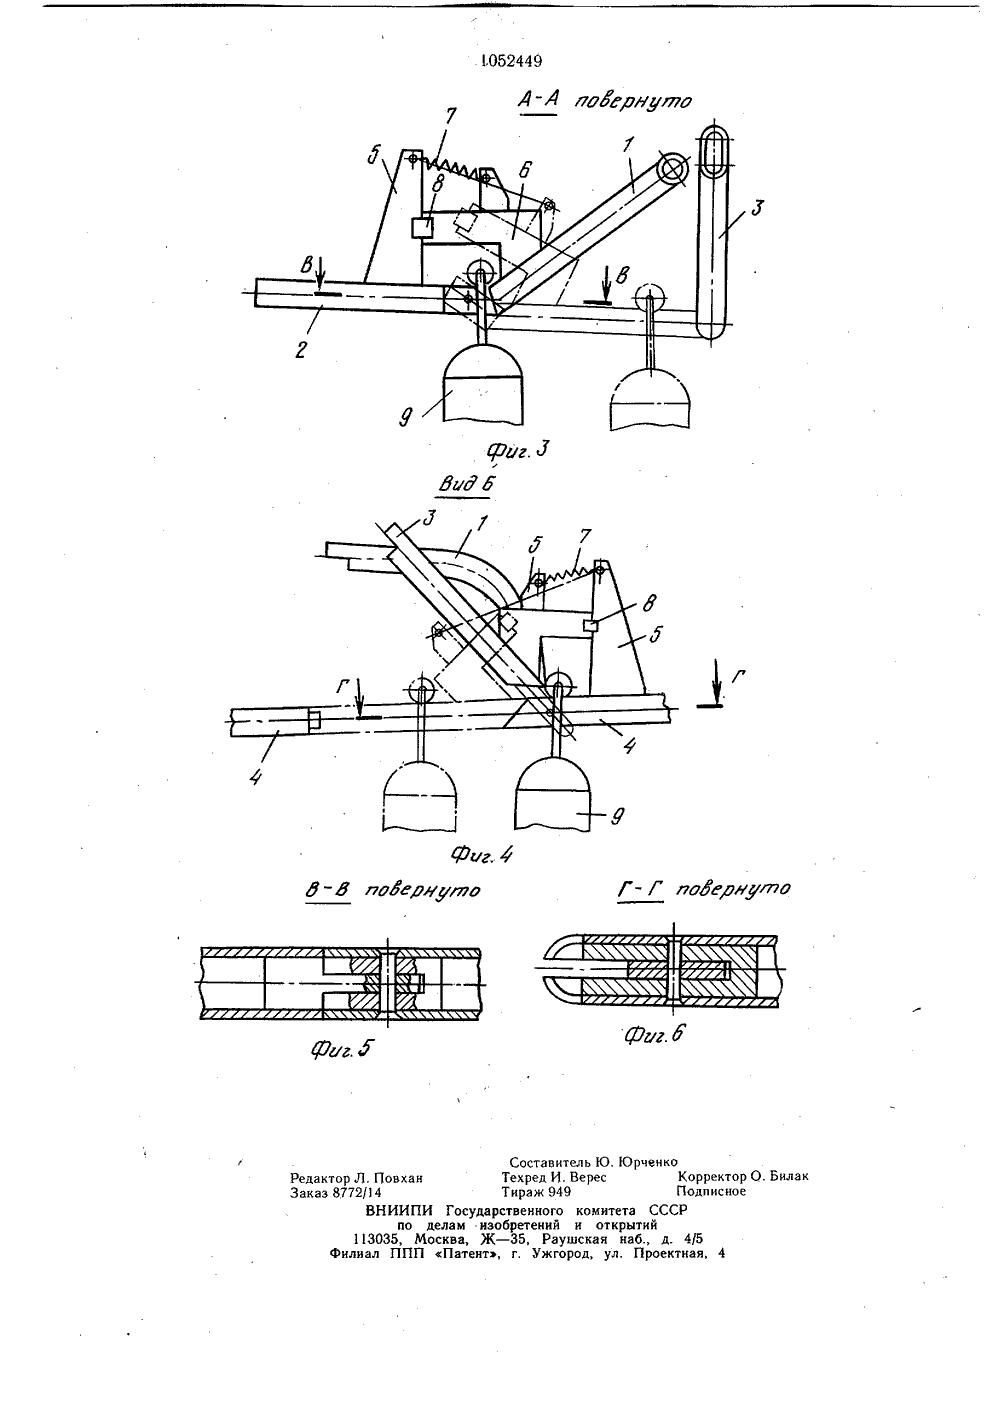 Стрелки для конвейера приводные рольганги схема